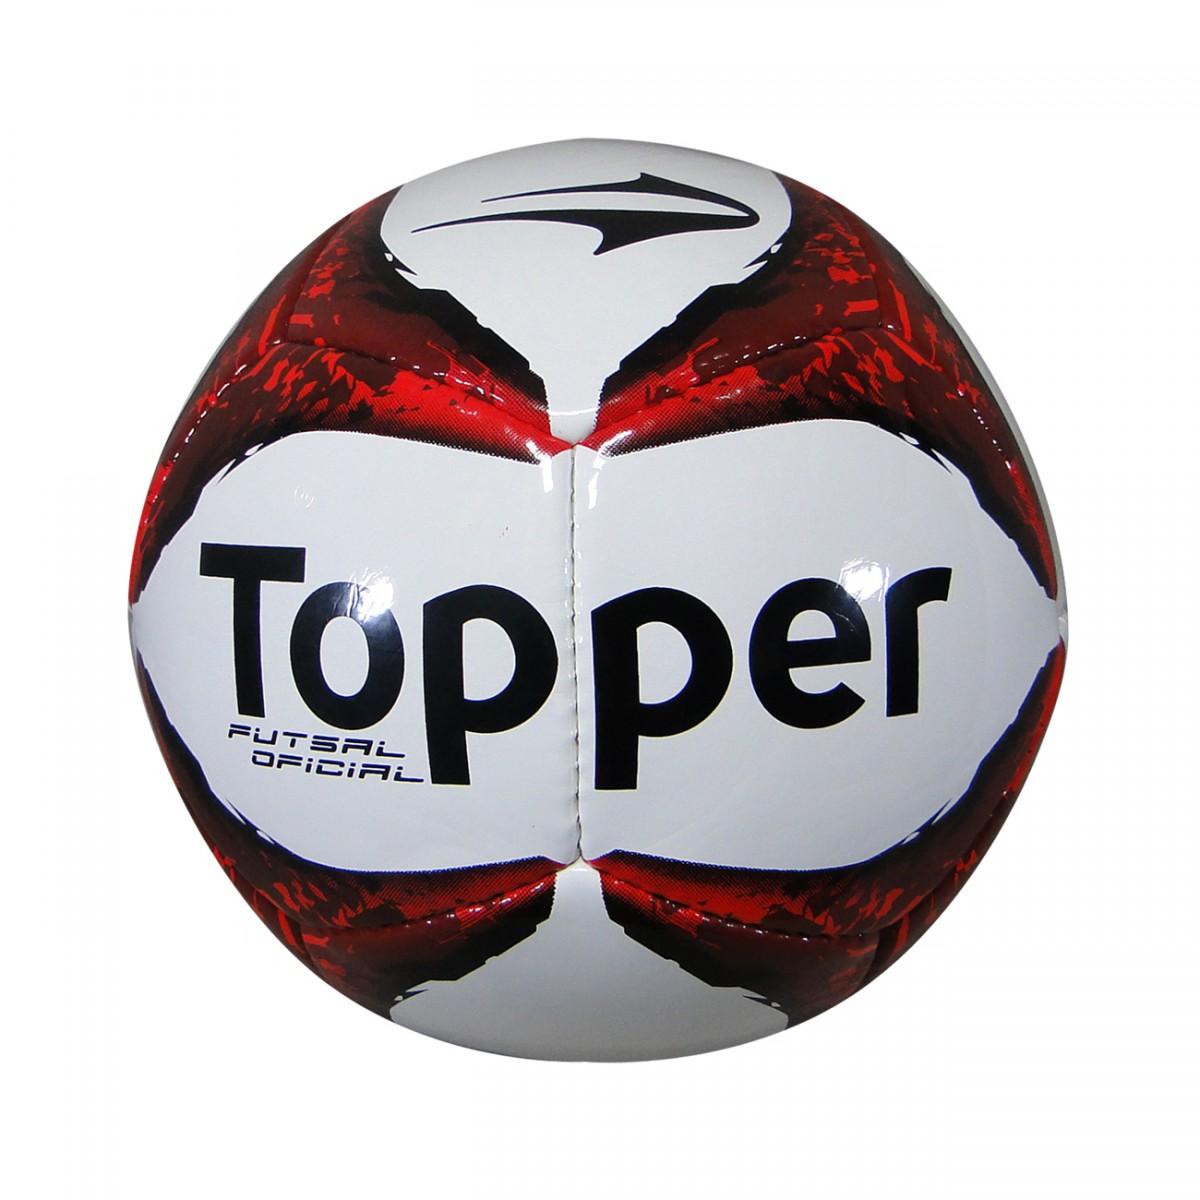 a71df905f5 Bola Topper Ultra VII Futsal 2305-Z 368-21 - Branco Preto Vermelho -  Chuteira Nike